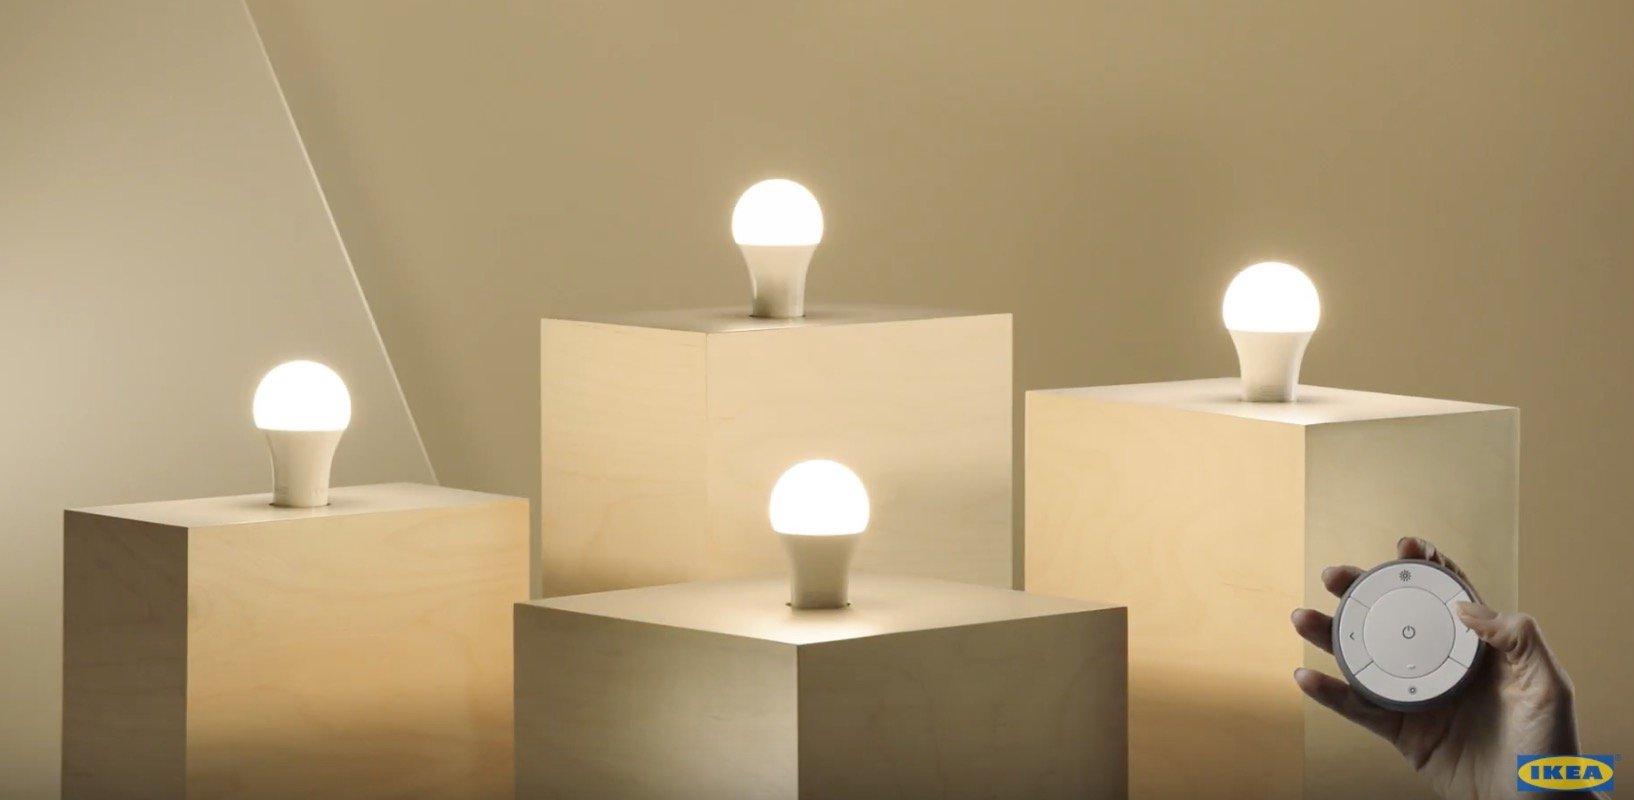 Conoce con nosotros las bombillas inteligentes de ikea - Espejo con bombillas ikea ...